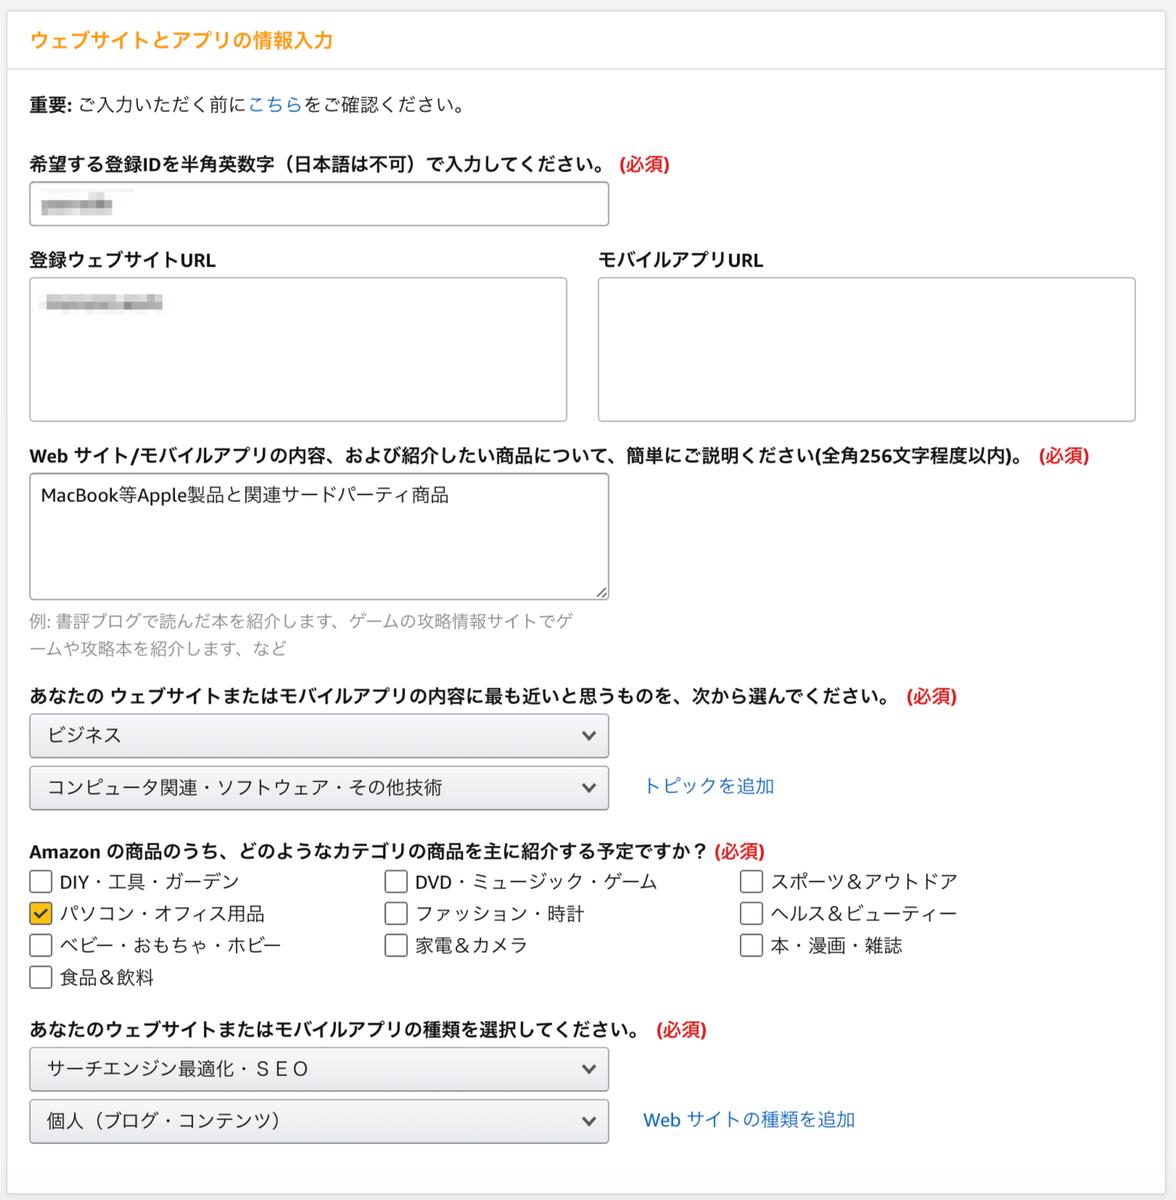 ウェブサイト情報入力